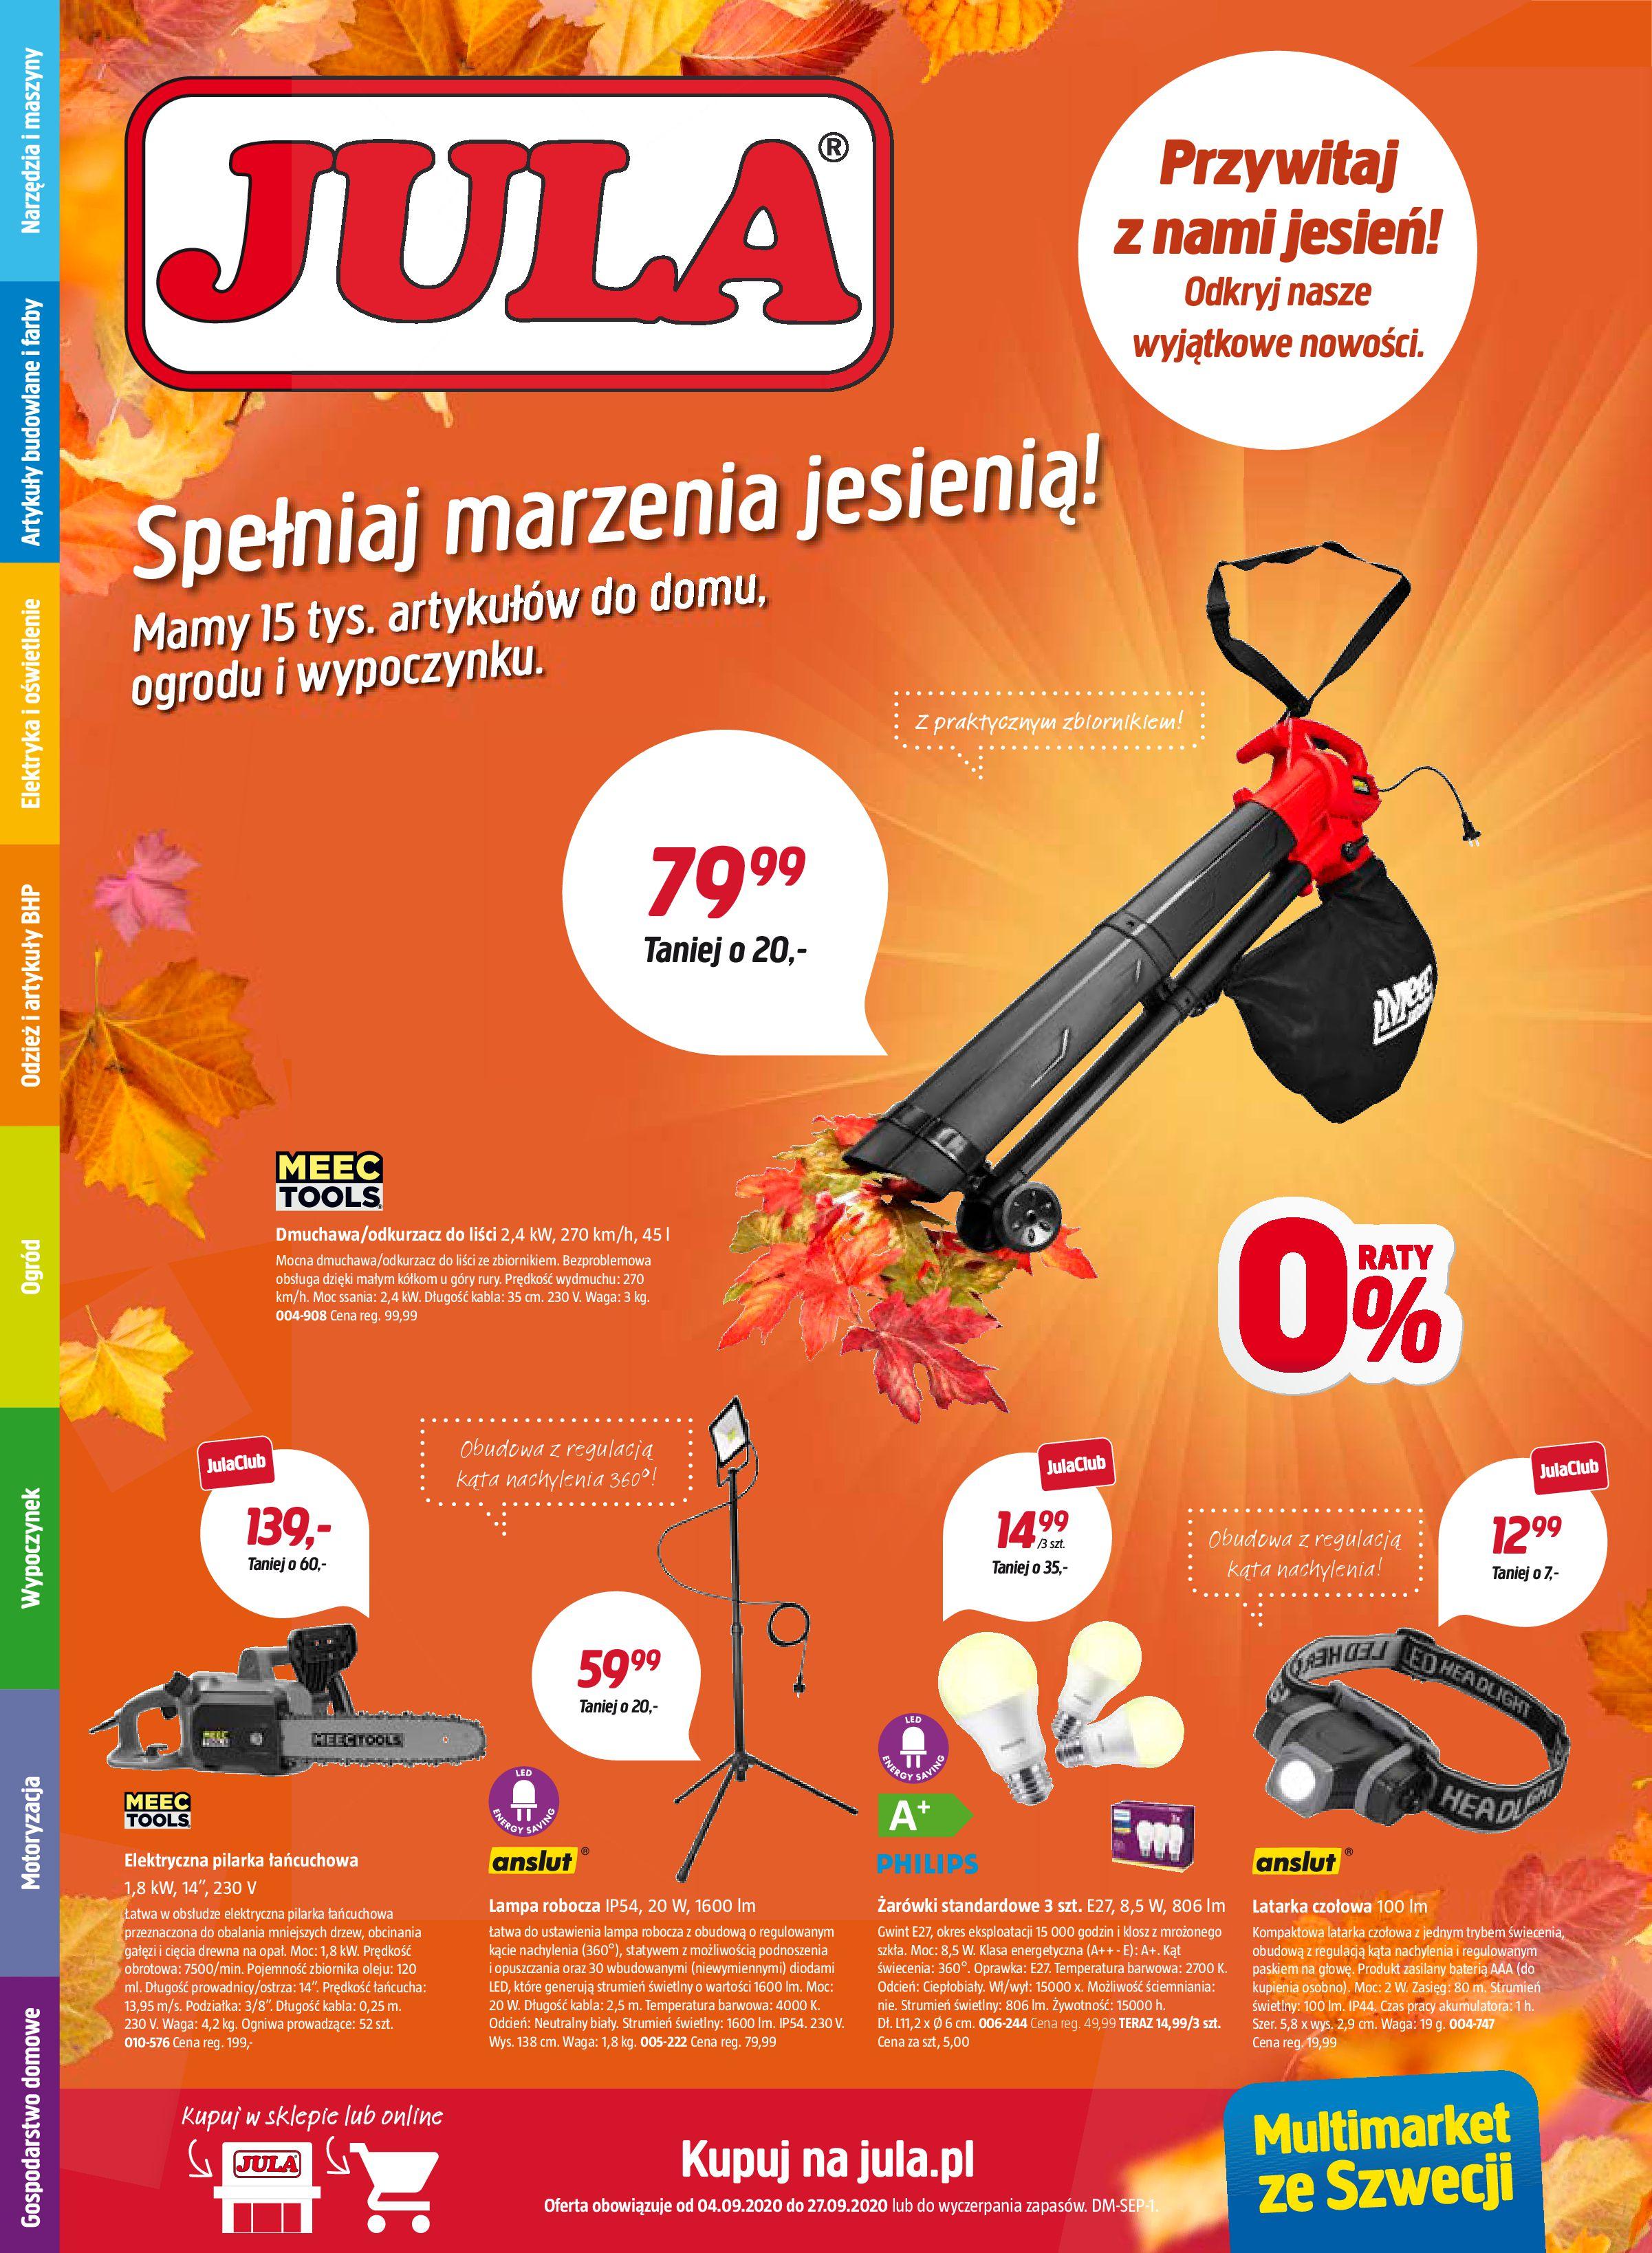 Gazetka Jula - Gazetka promocyjna-03.09.2020-27.09.2020-page-1